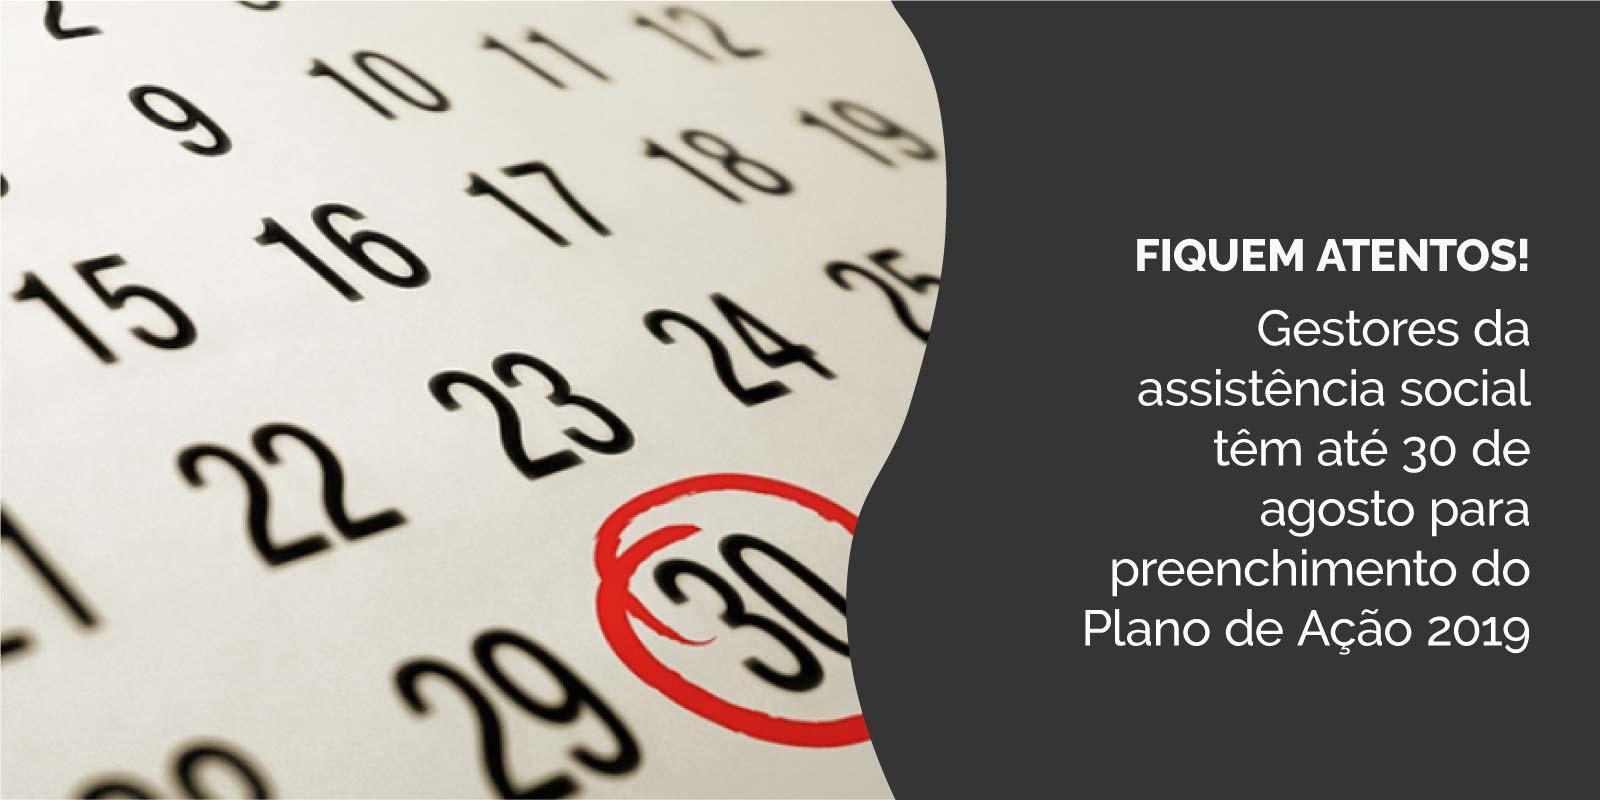 Gestores da assistência social têm até 30 de agosto para preenchimento do Plano de Ação 2019